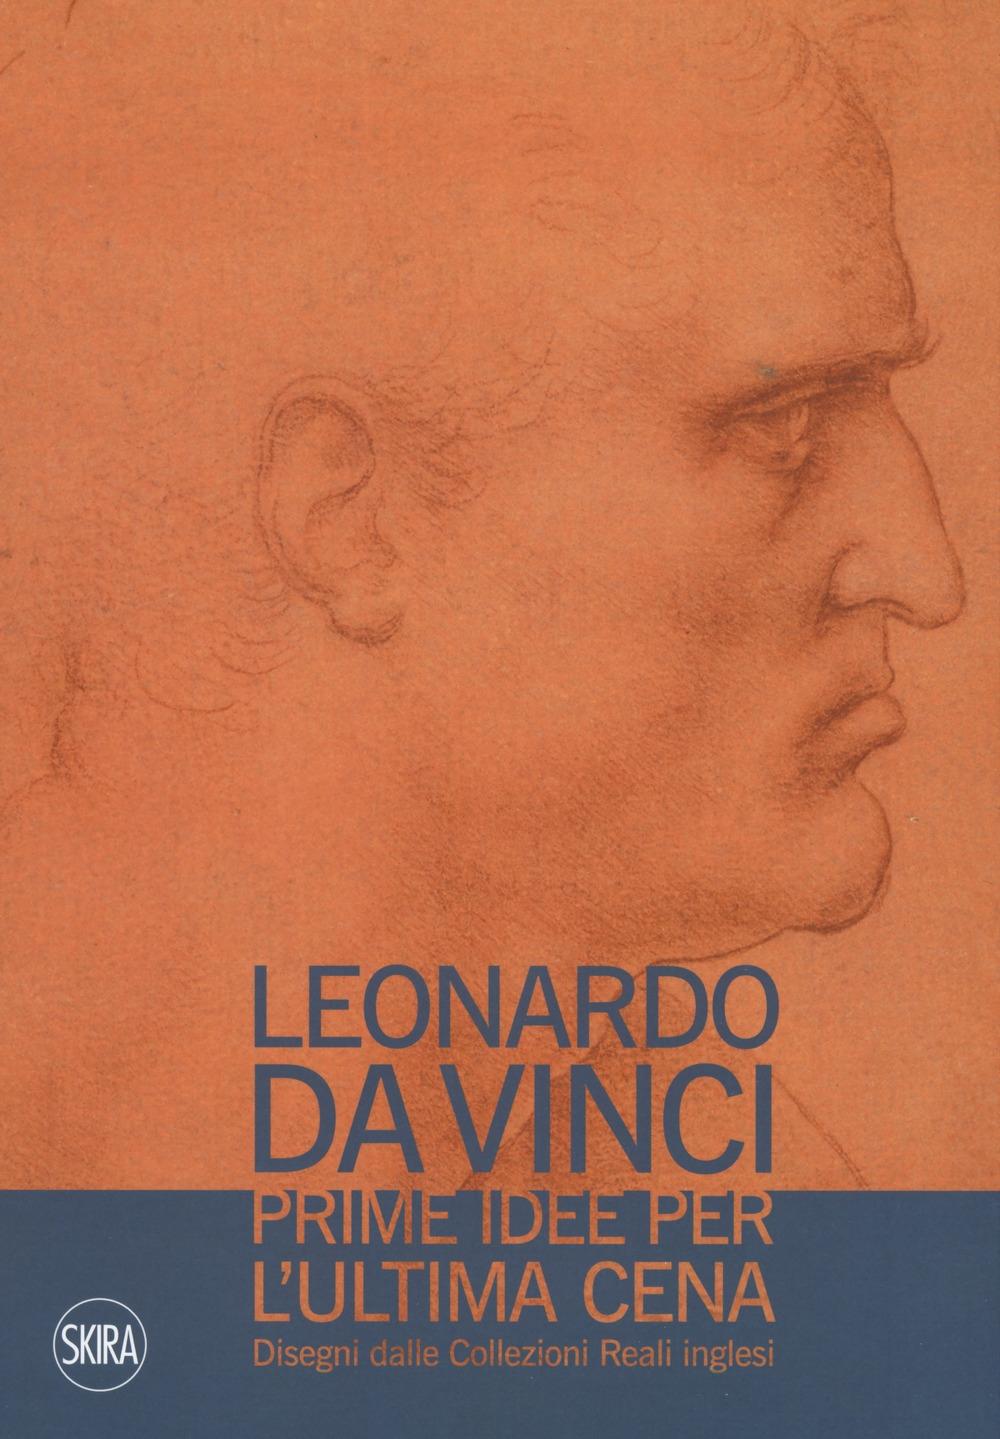 Leonardo da vinci. Prime idee per ultima cena. Disegni dalle Collezioni Reali inglesi